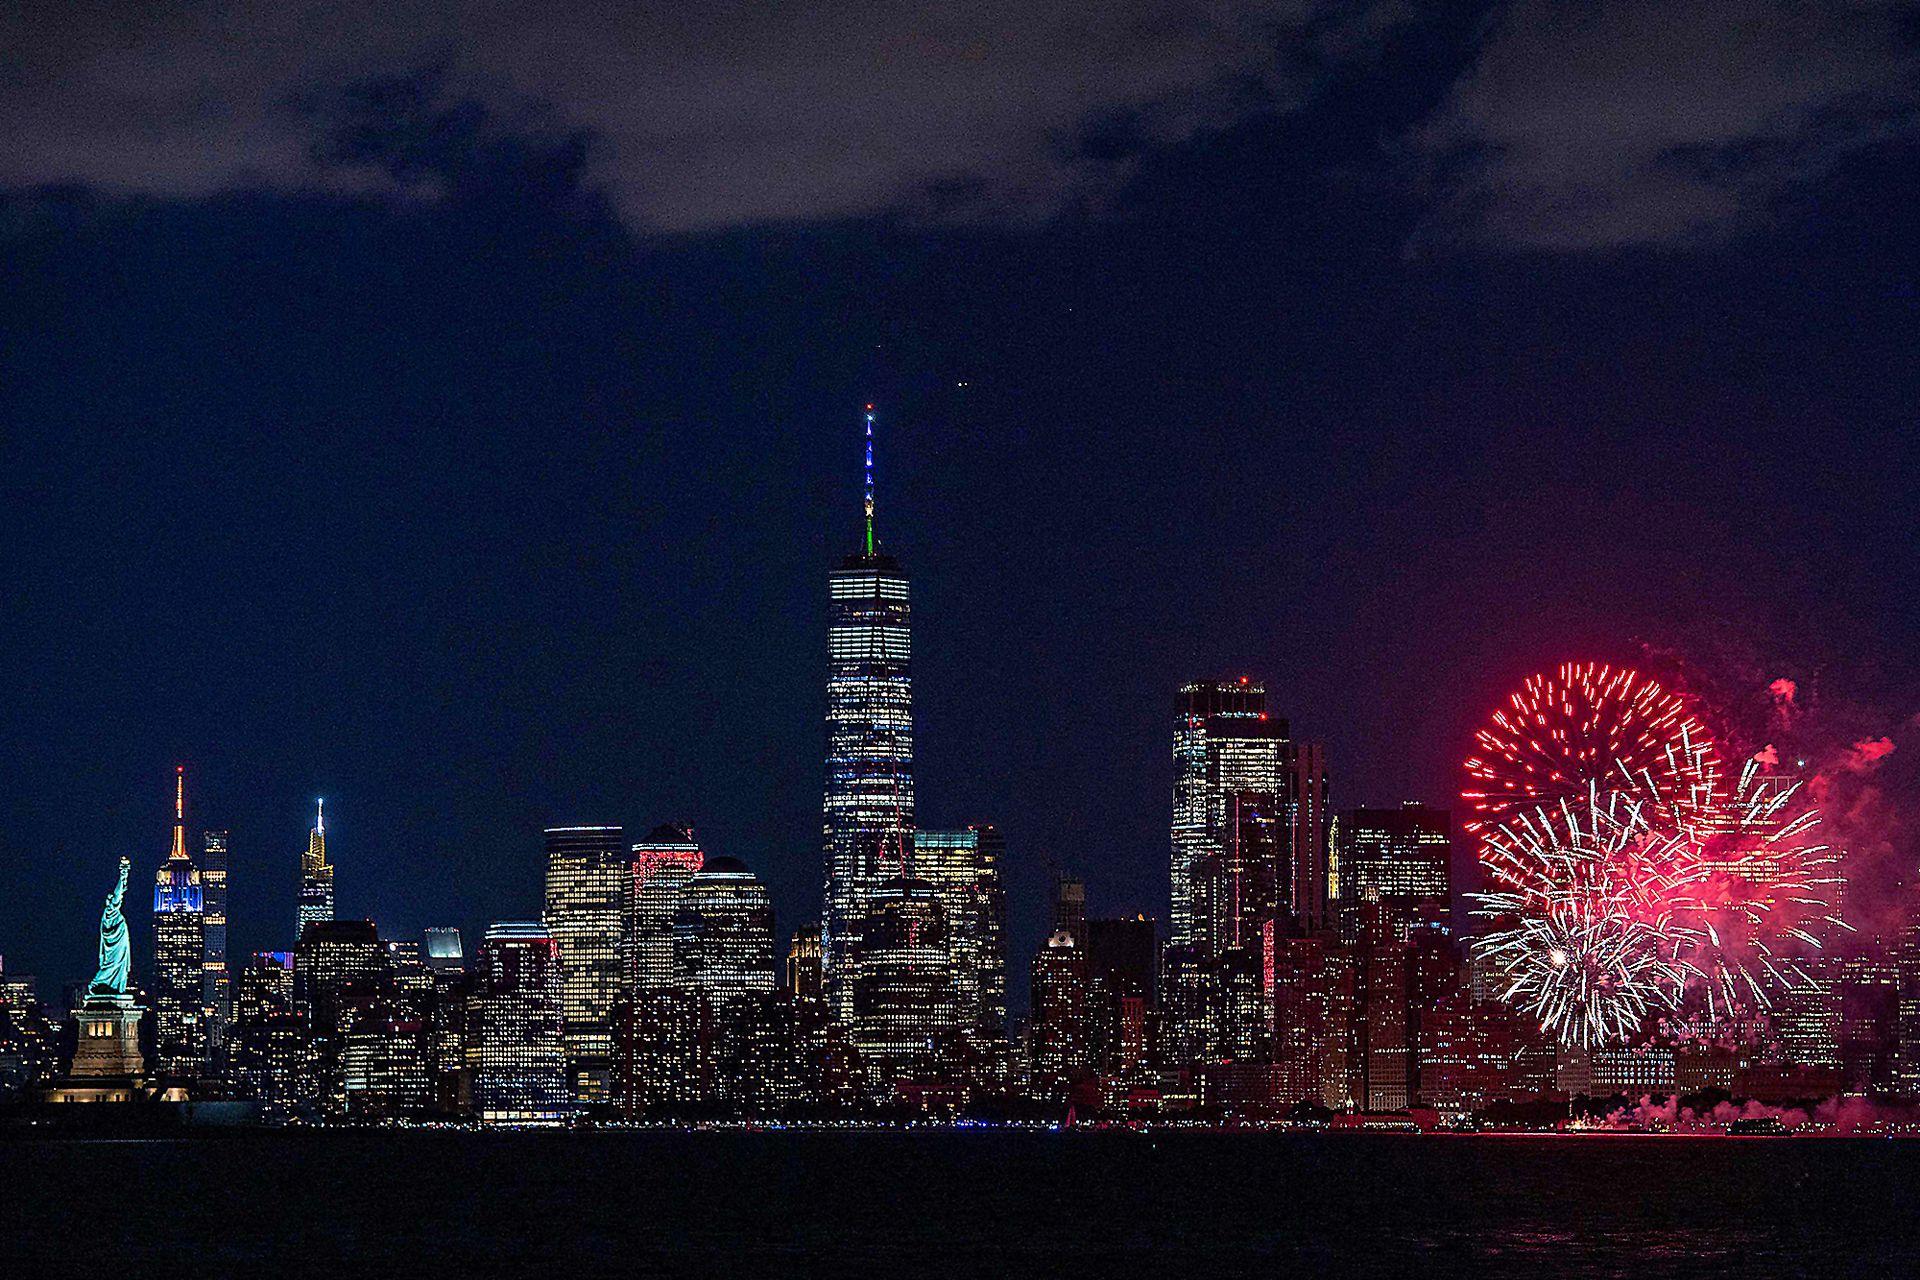 La Estatua de la Libertad (izquierda) y el horizonte de Nueva York se ven mientras los fuegos artificiales estallan en el puerto de esa ciudad durante la celebración por llegar al 70 por ciento de los adultos que recibieron su primera dosis de la vacuna Covid-19, el 15 de junio de 2021